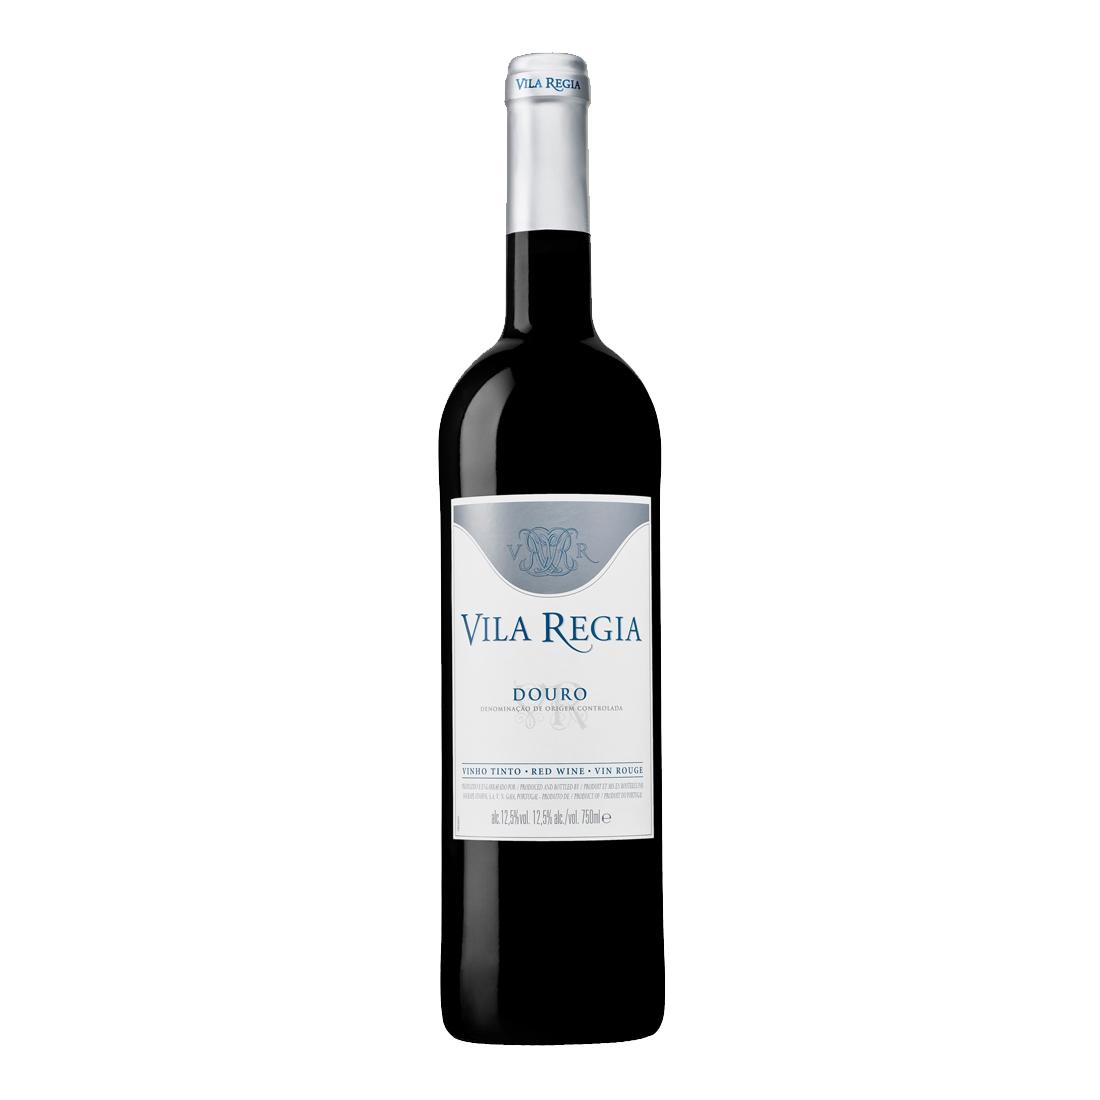 Vinho Vila Regia Douro 750 ml